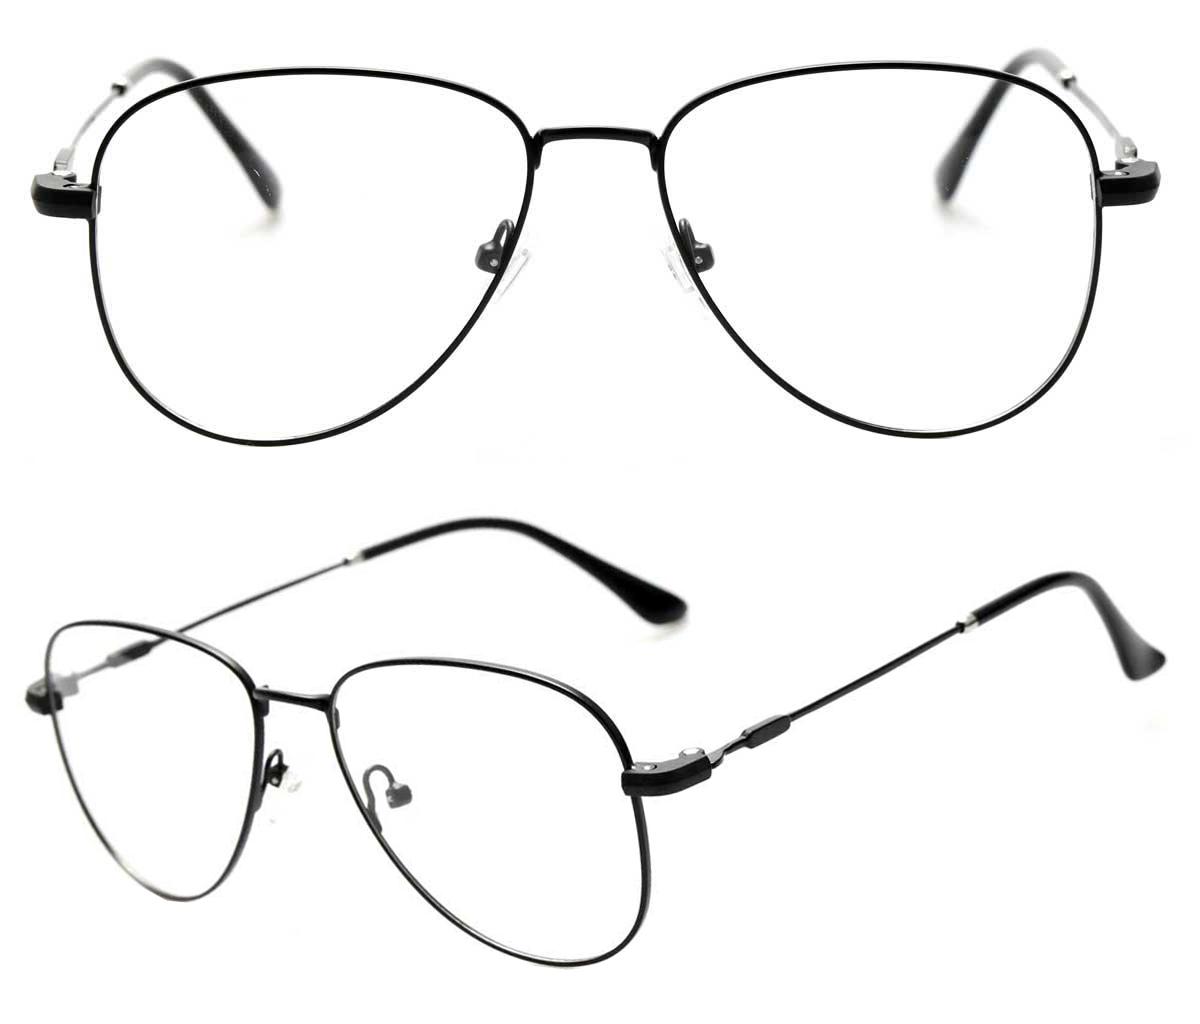 Sunglass Clips For Glasses Manufacturer, Oem Odm Clip On Eyewear Frames